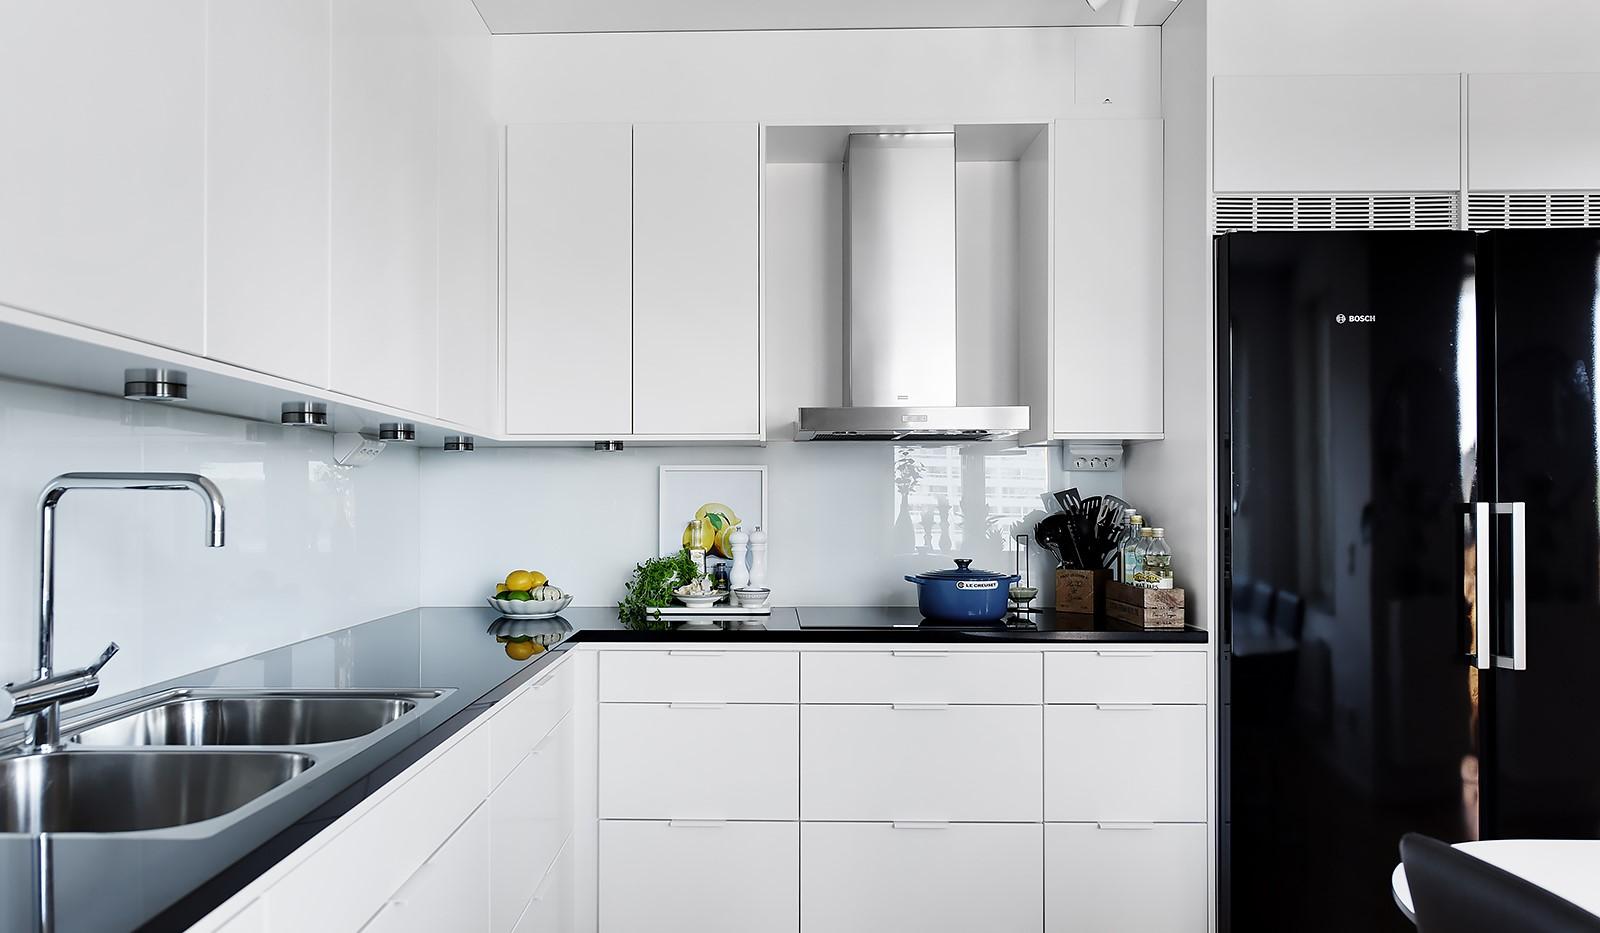 Ekfatsgatan 4, 4 tr - Stilrent och fullt utrustat kök